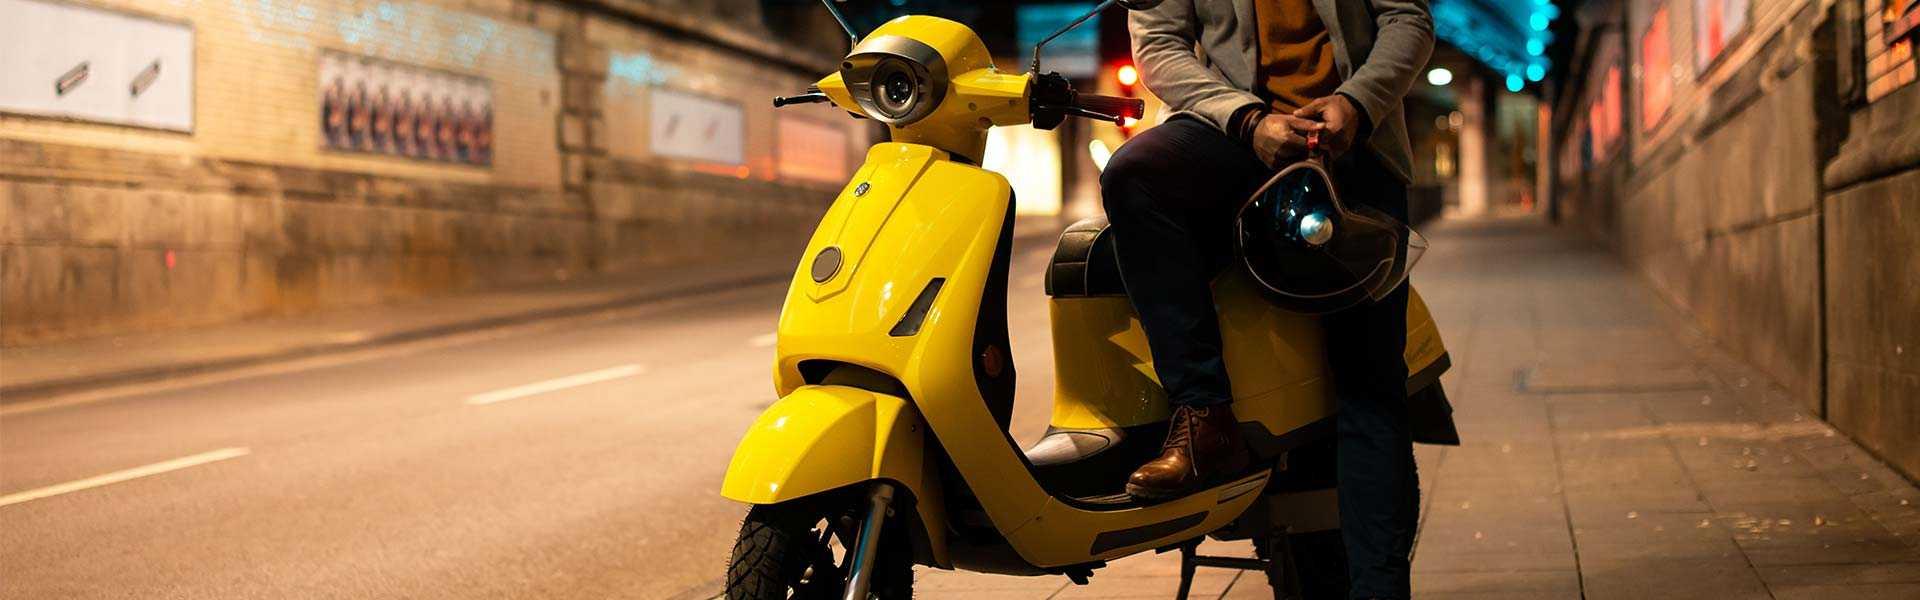 Immatriculation scooter 50cc, ce qu'il faut savoir pour circuler en règle